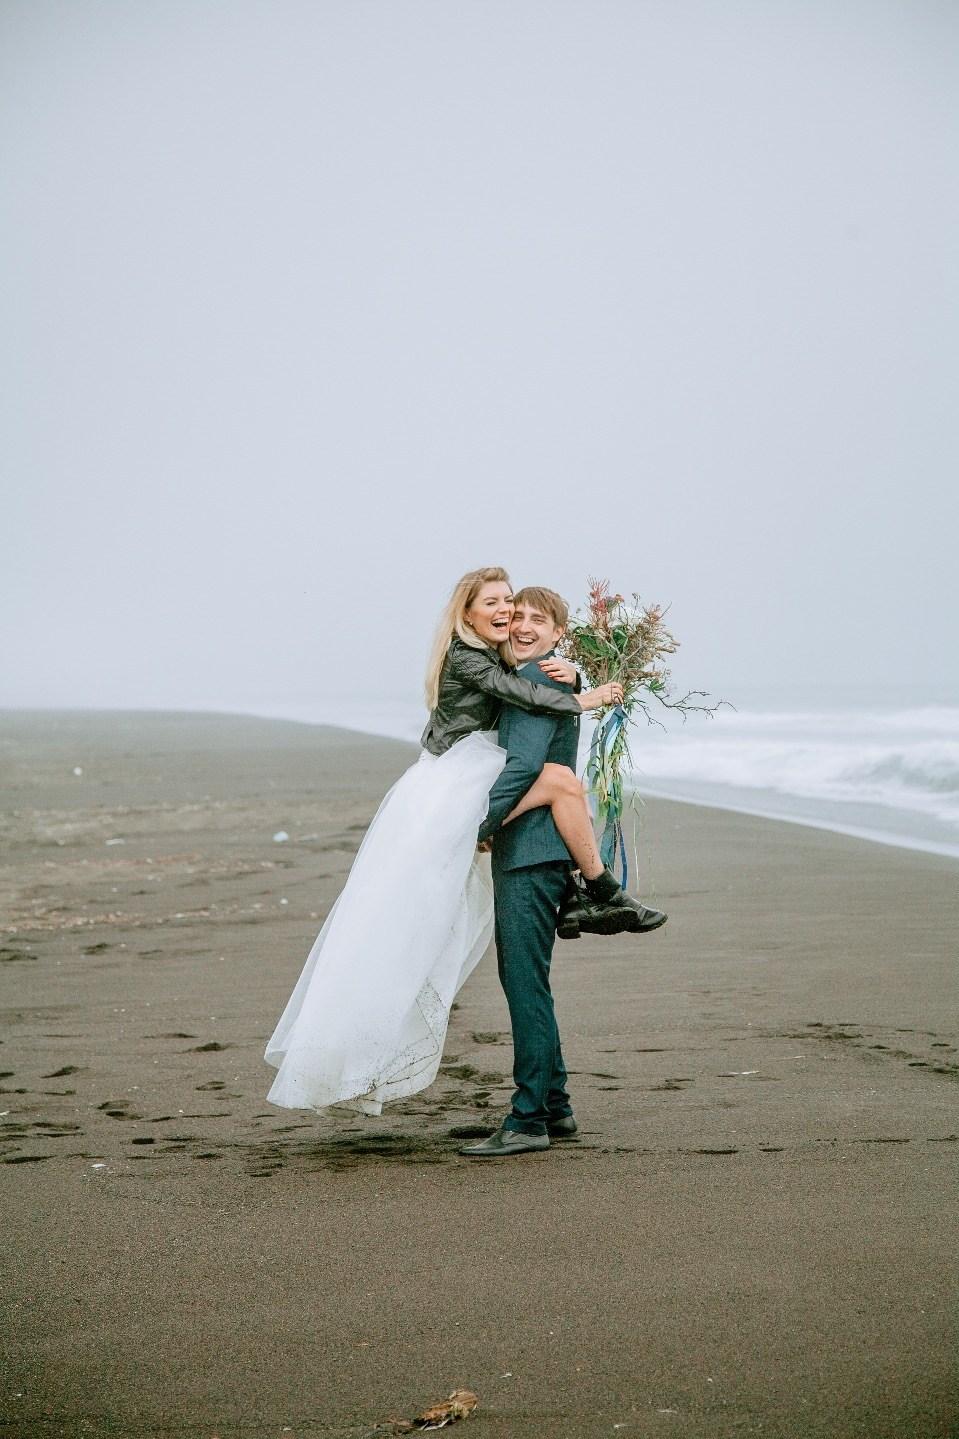 конце свадьба сляднева андрея фото камчатка поблагодарить людей, которые